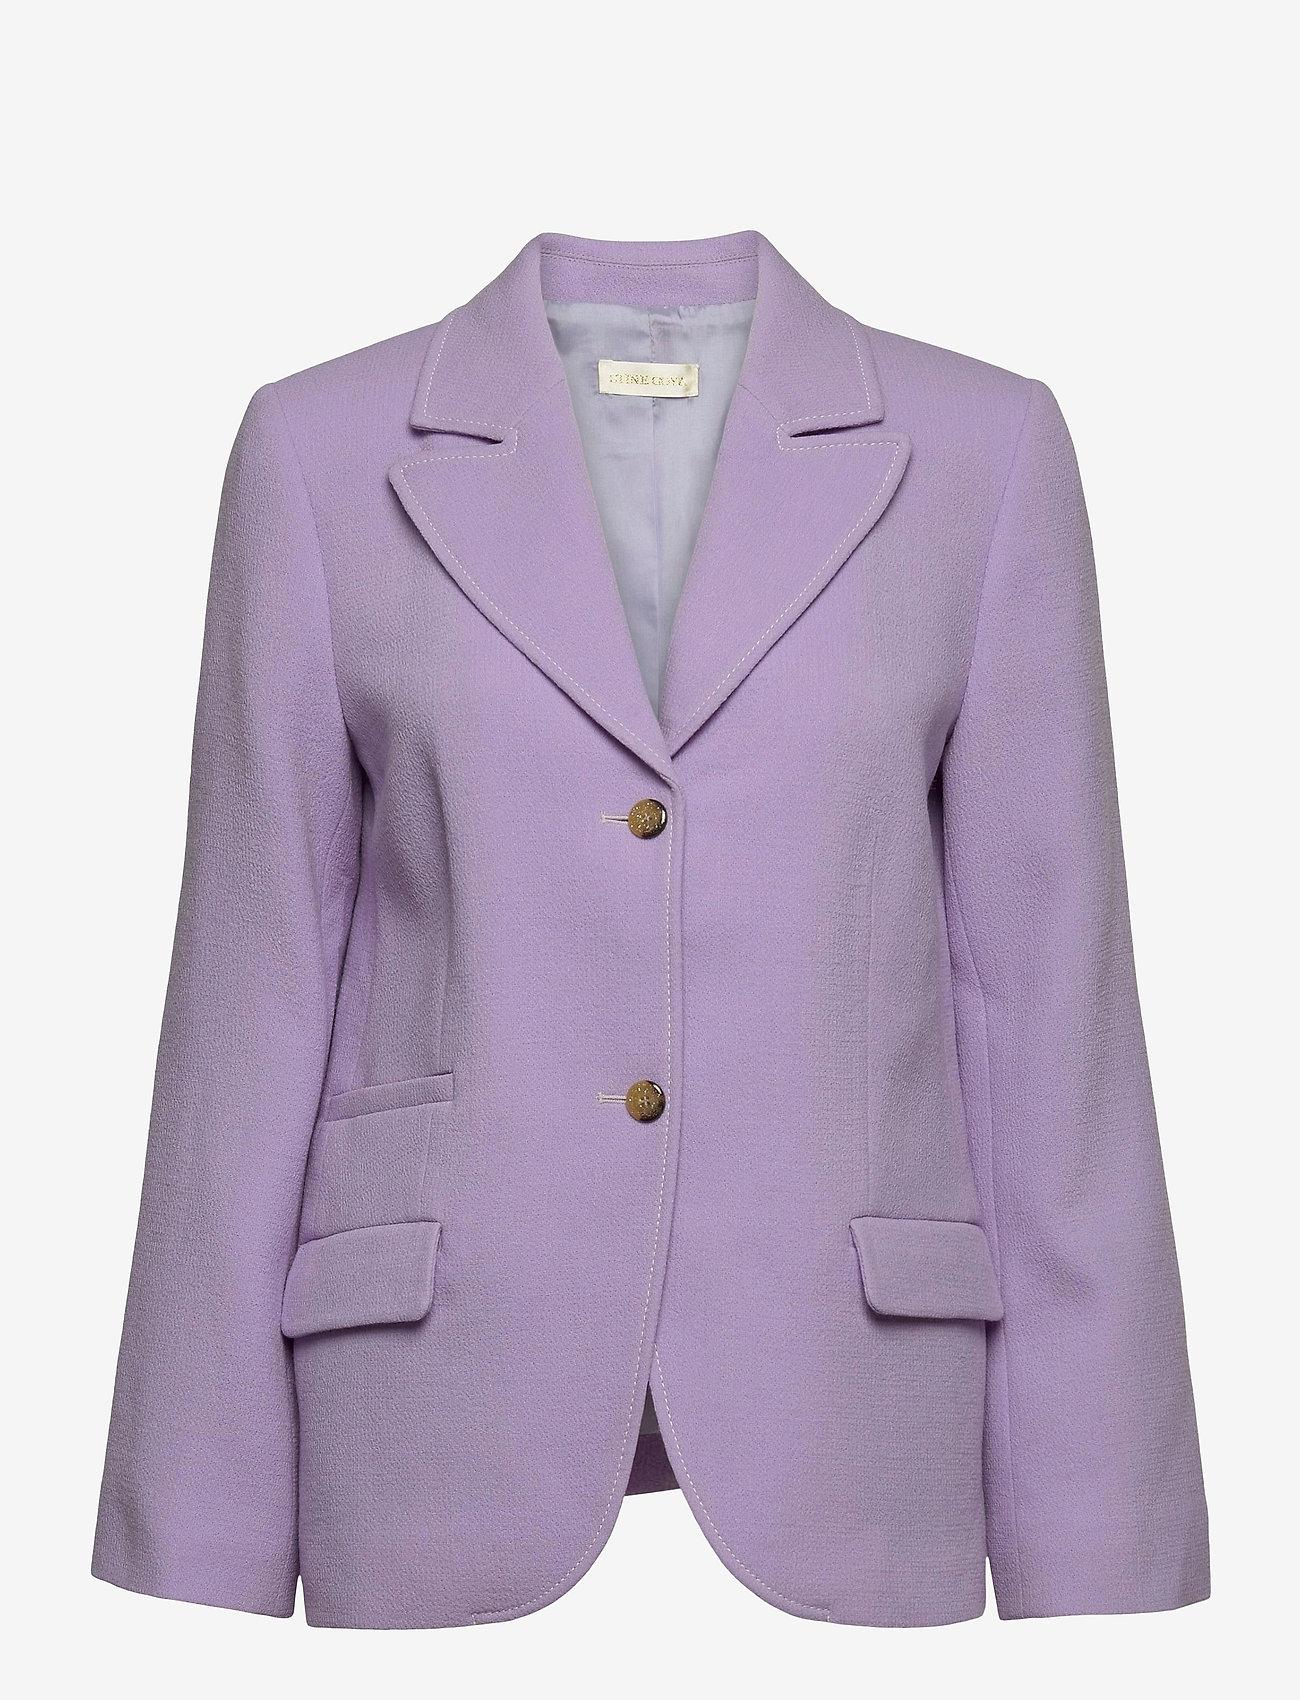 STINE GOYA - Grace, 1113 Iris Tailoring - vardagskavajer - lilac - 1